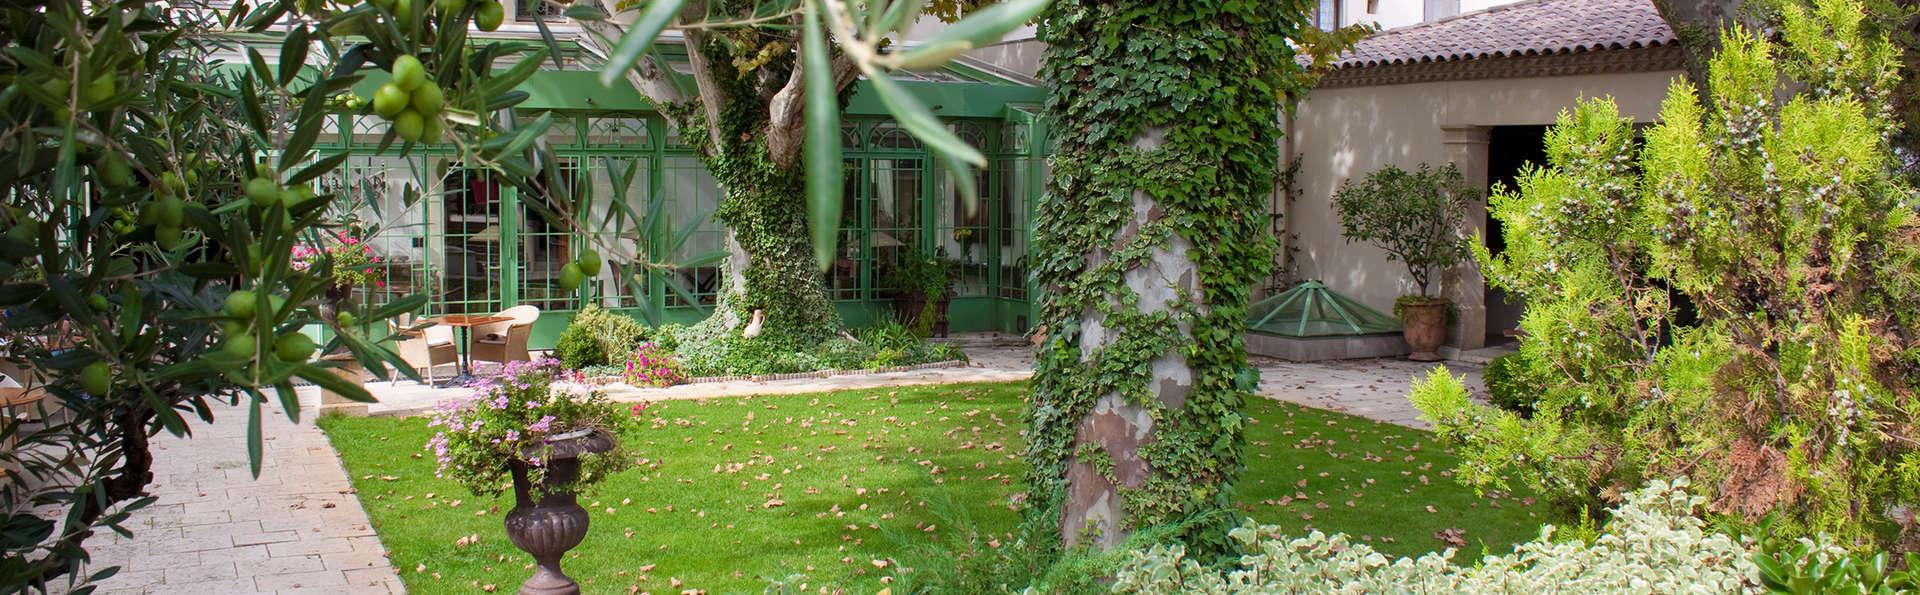 Week end dans nos r gions aigues mortes partir de 205 for Jardin mazarin